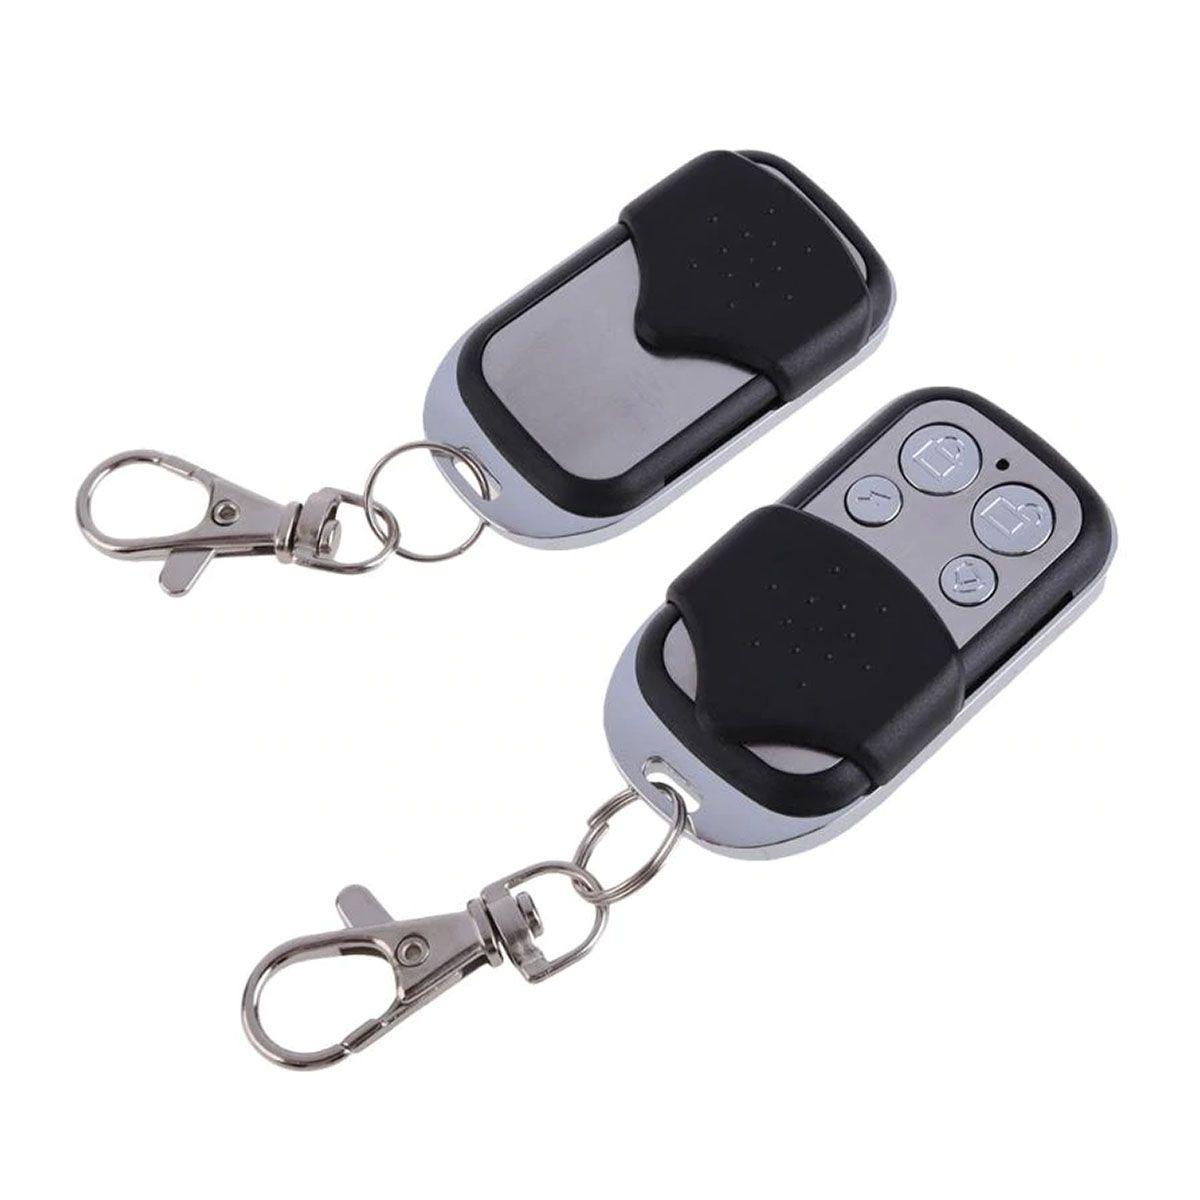 Controle Remoto Portão E Alarme Copiador Clone 433,92mhz